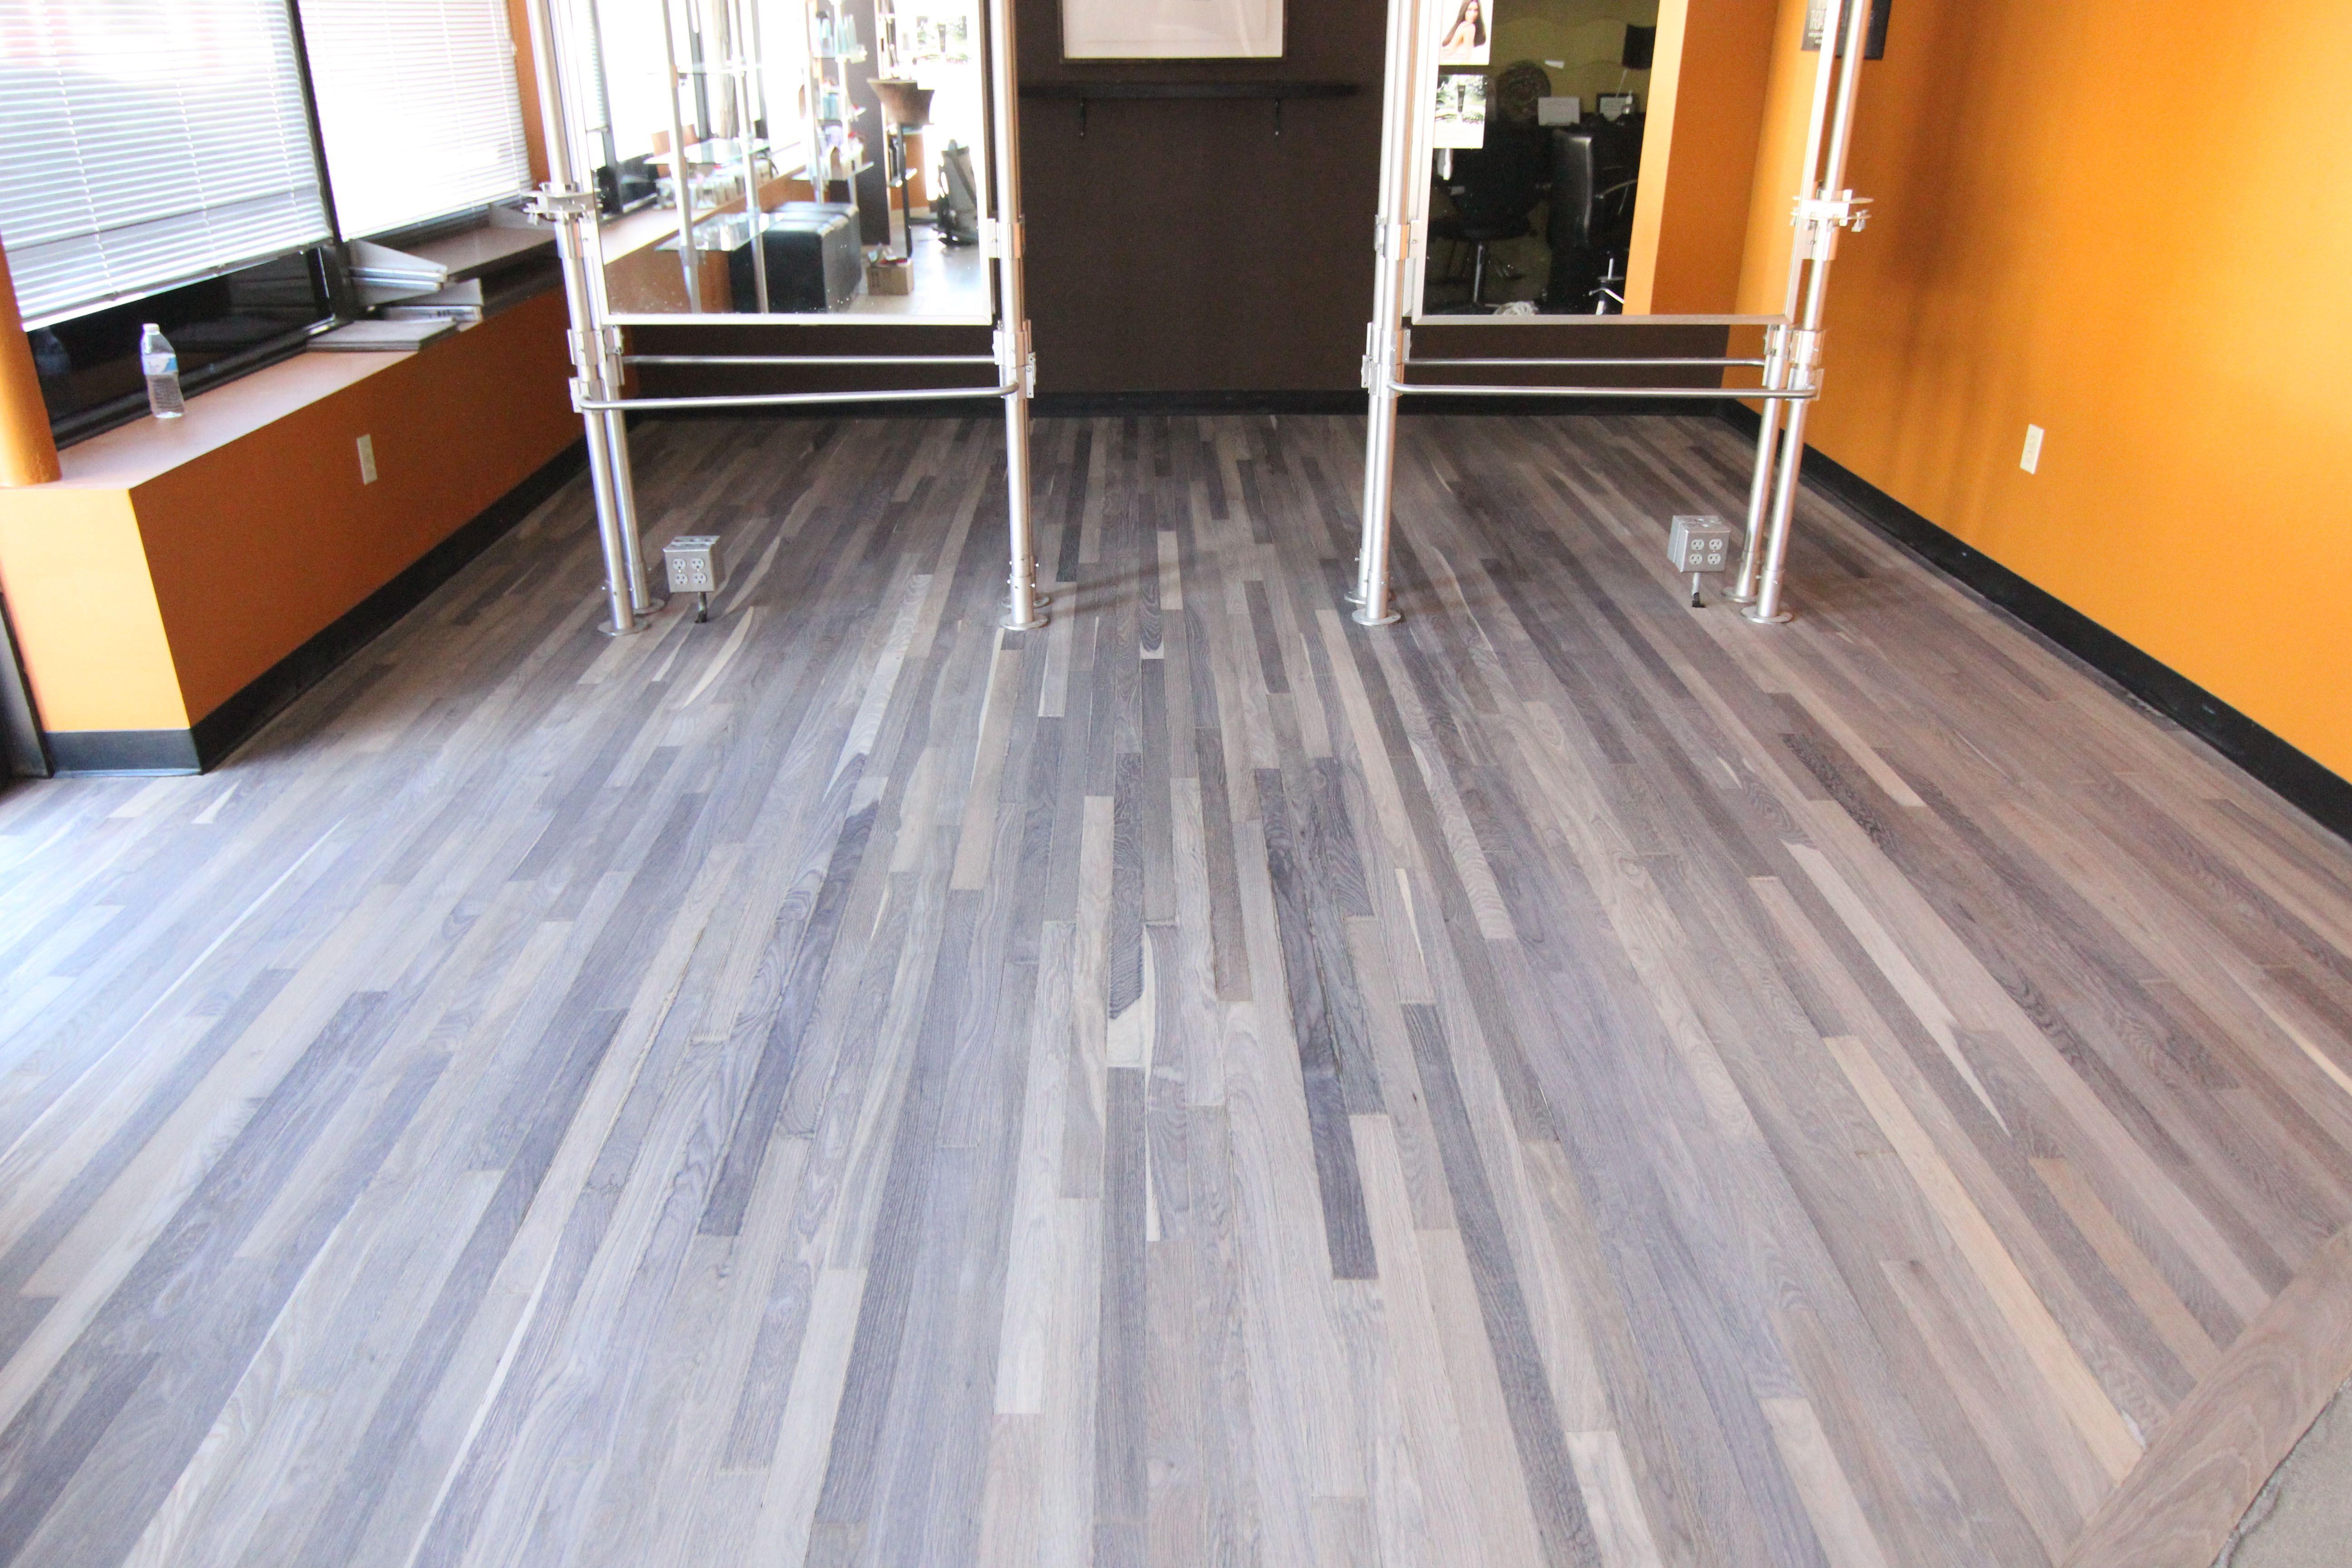 Hardwax oil, Pro application Reclaimed oak flooring